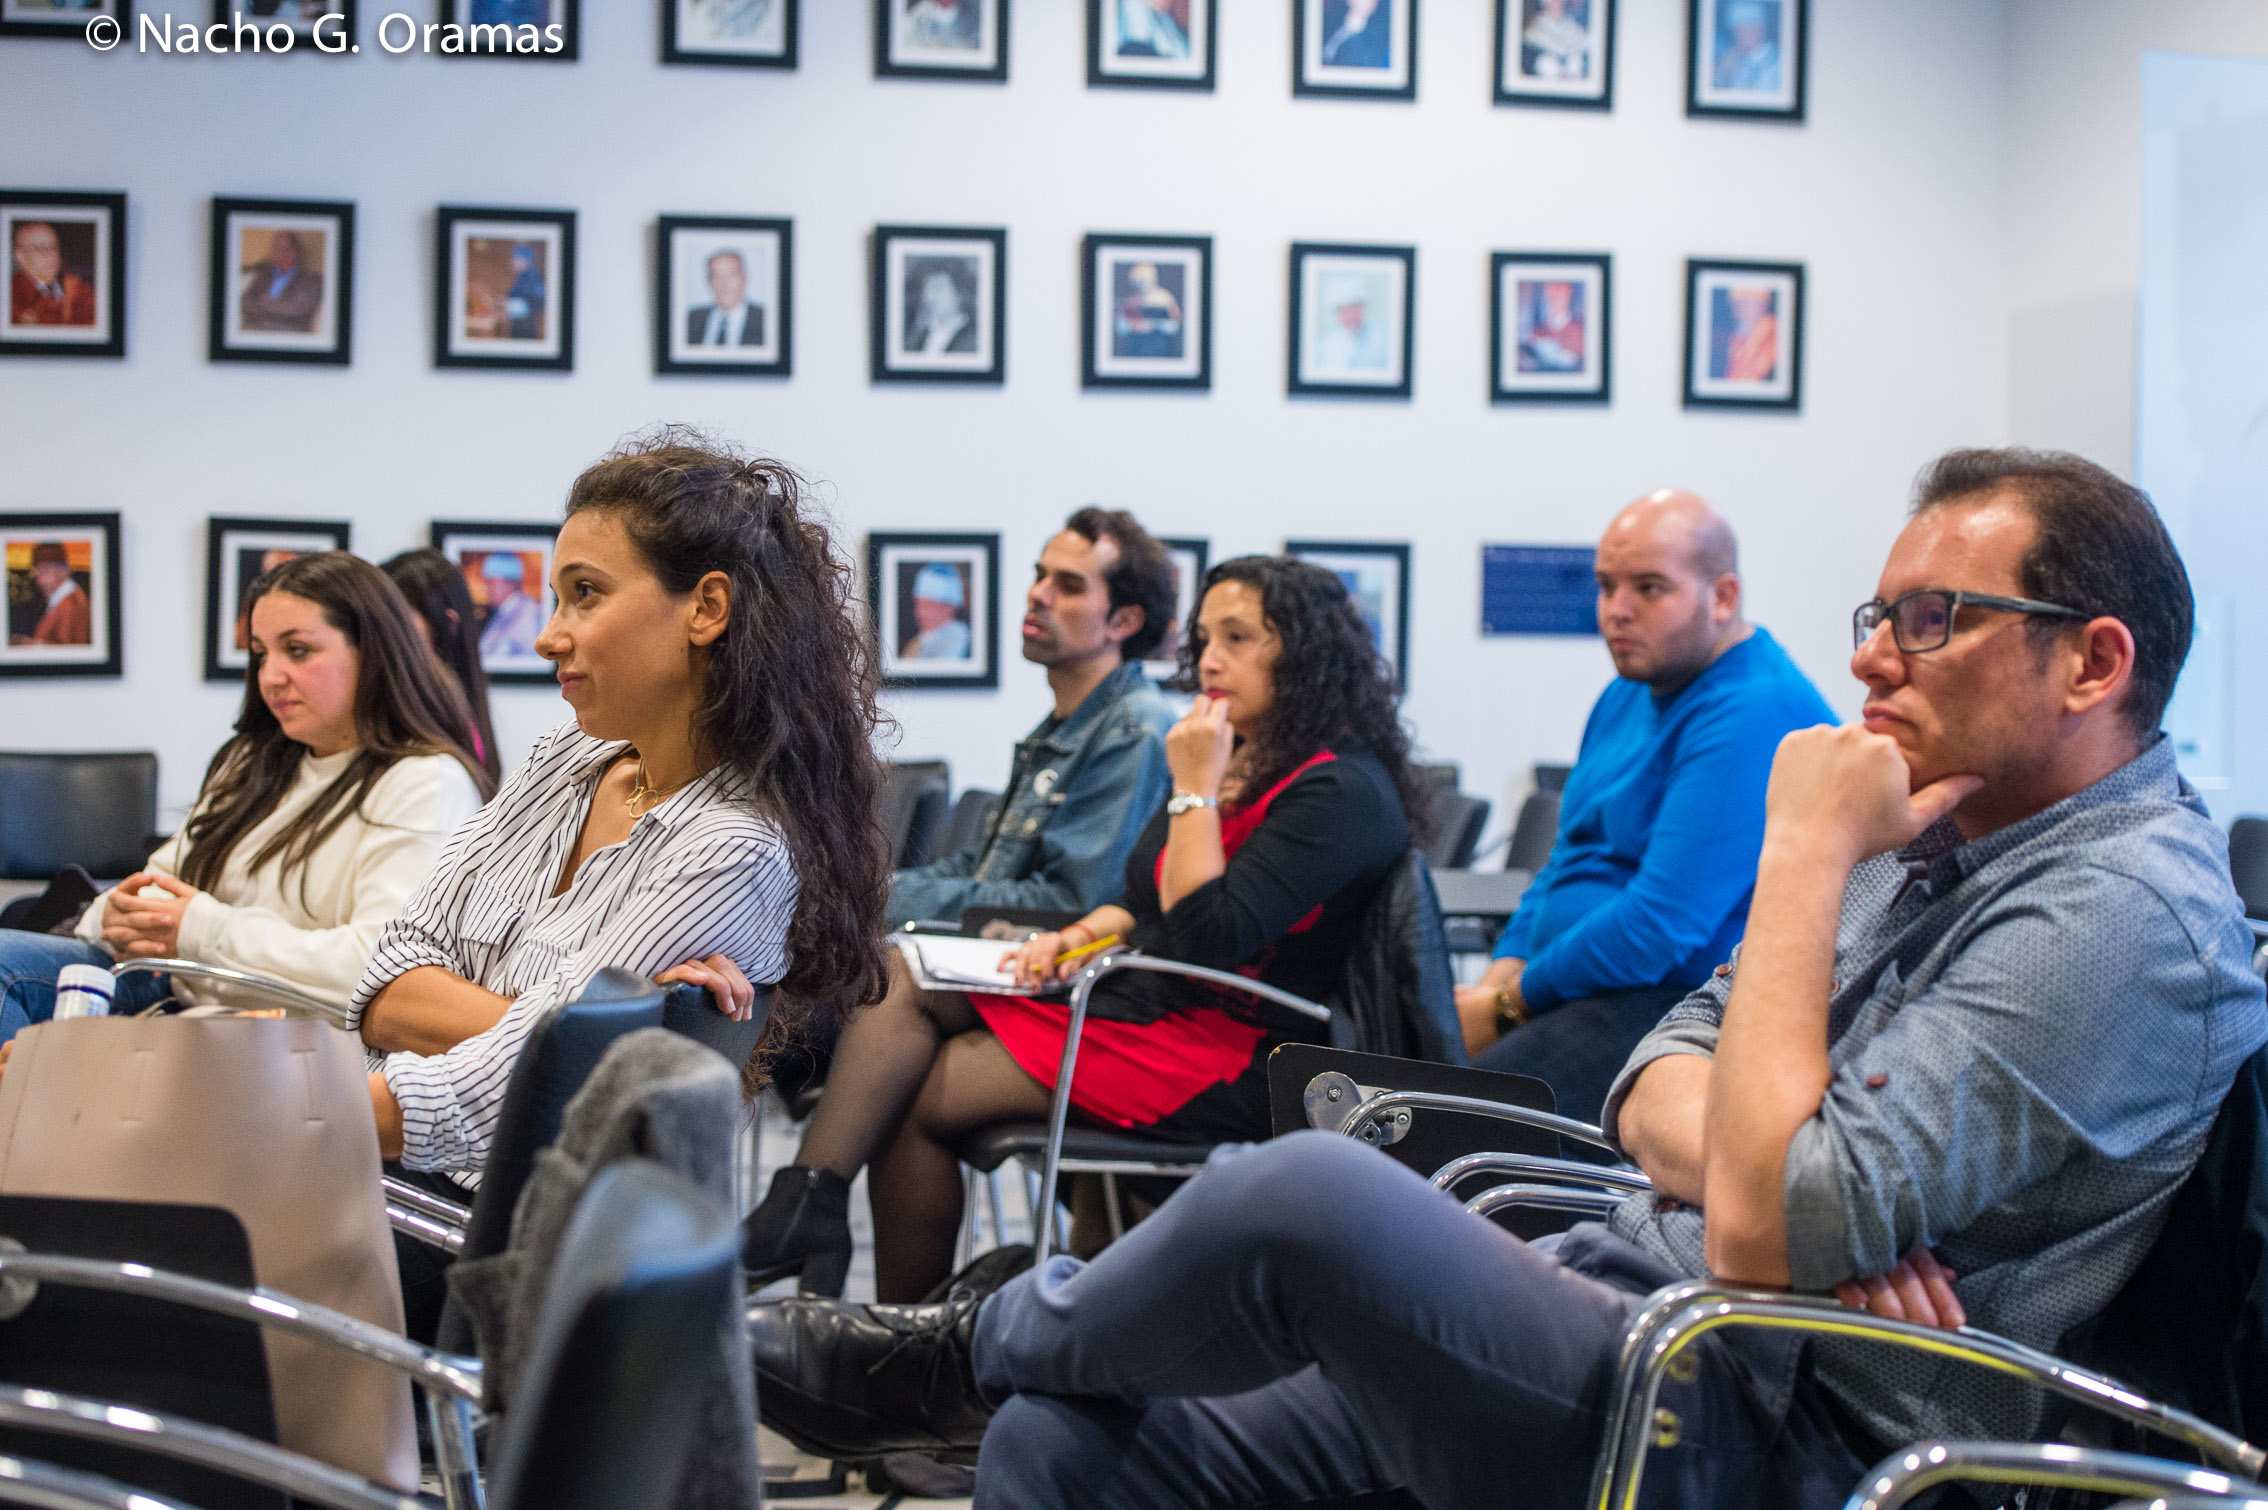 Los siete cantantes participantes en el Workshop FIAK18 potencian sus capacidades interpretativas a través de las enseñanzas de la soprano Nicola Beller Carbone